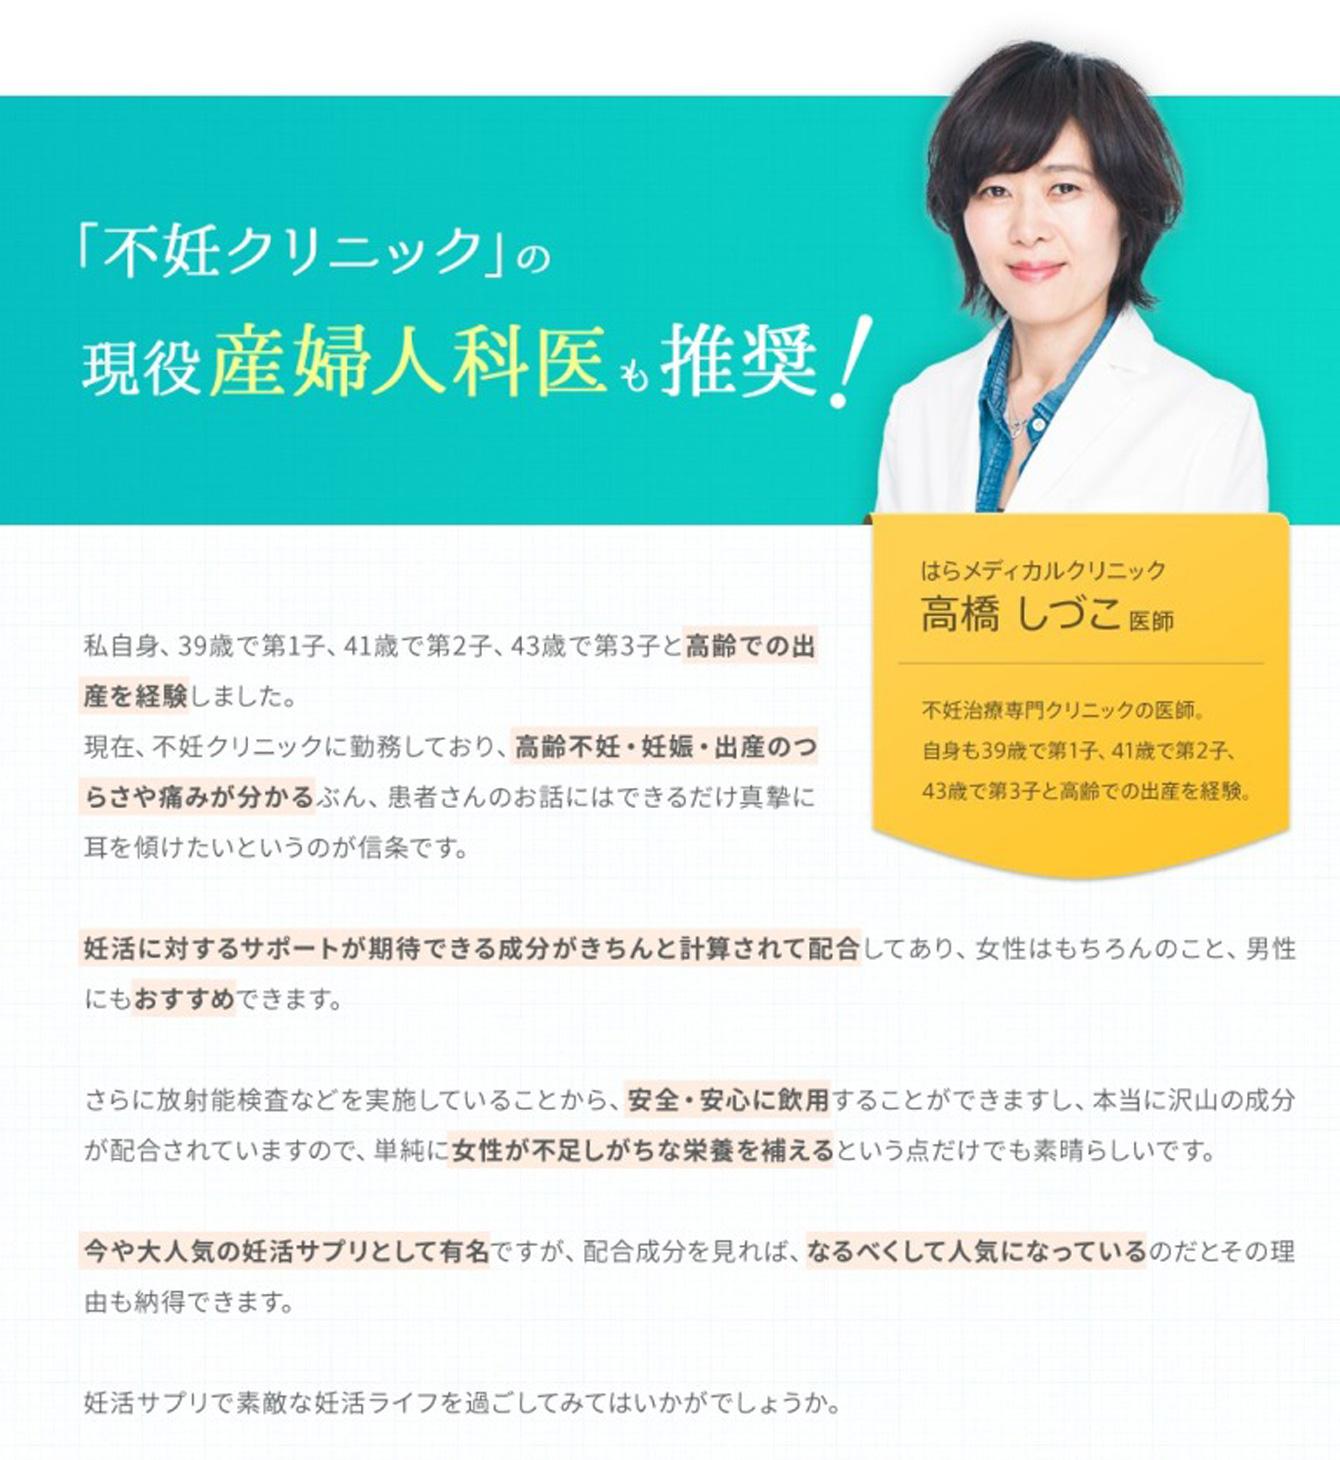 makana.産婦人科医推奨コメント